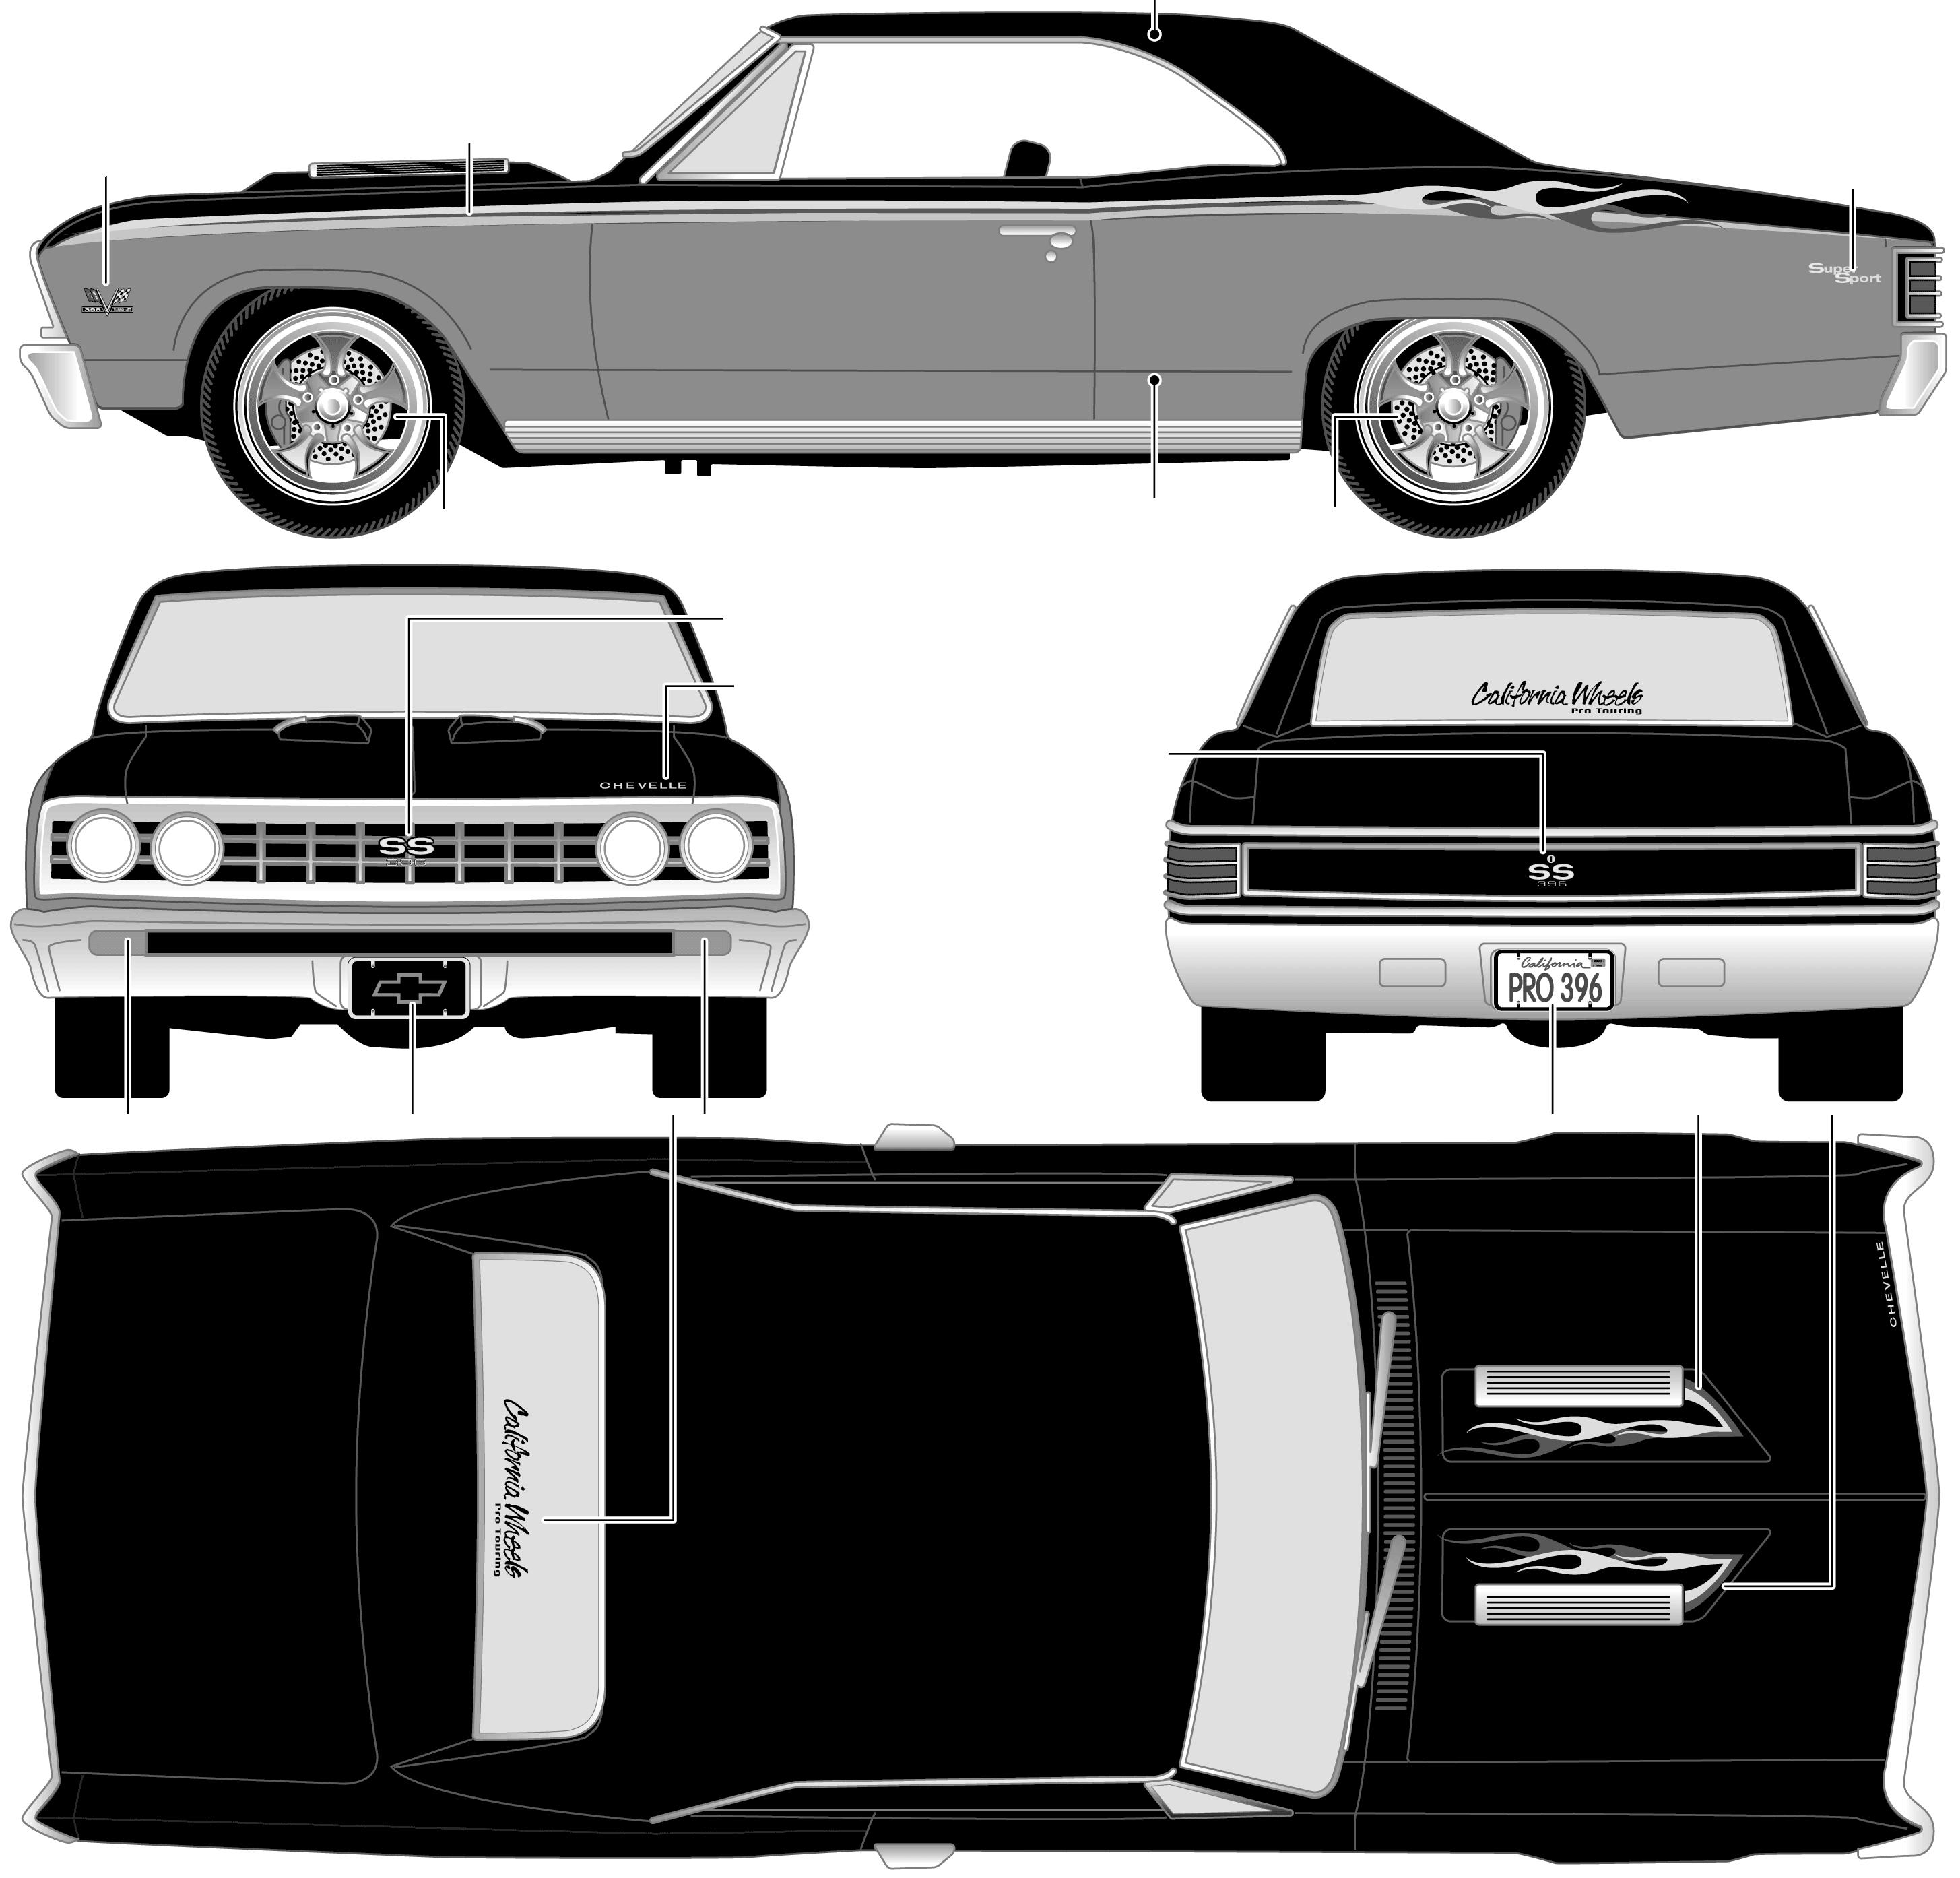 1967 chevelle clipart jpg stock 1967 Chevrolet Chevelle SS 396 Coupe blueprints free - Outlines jpg stock